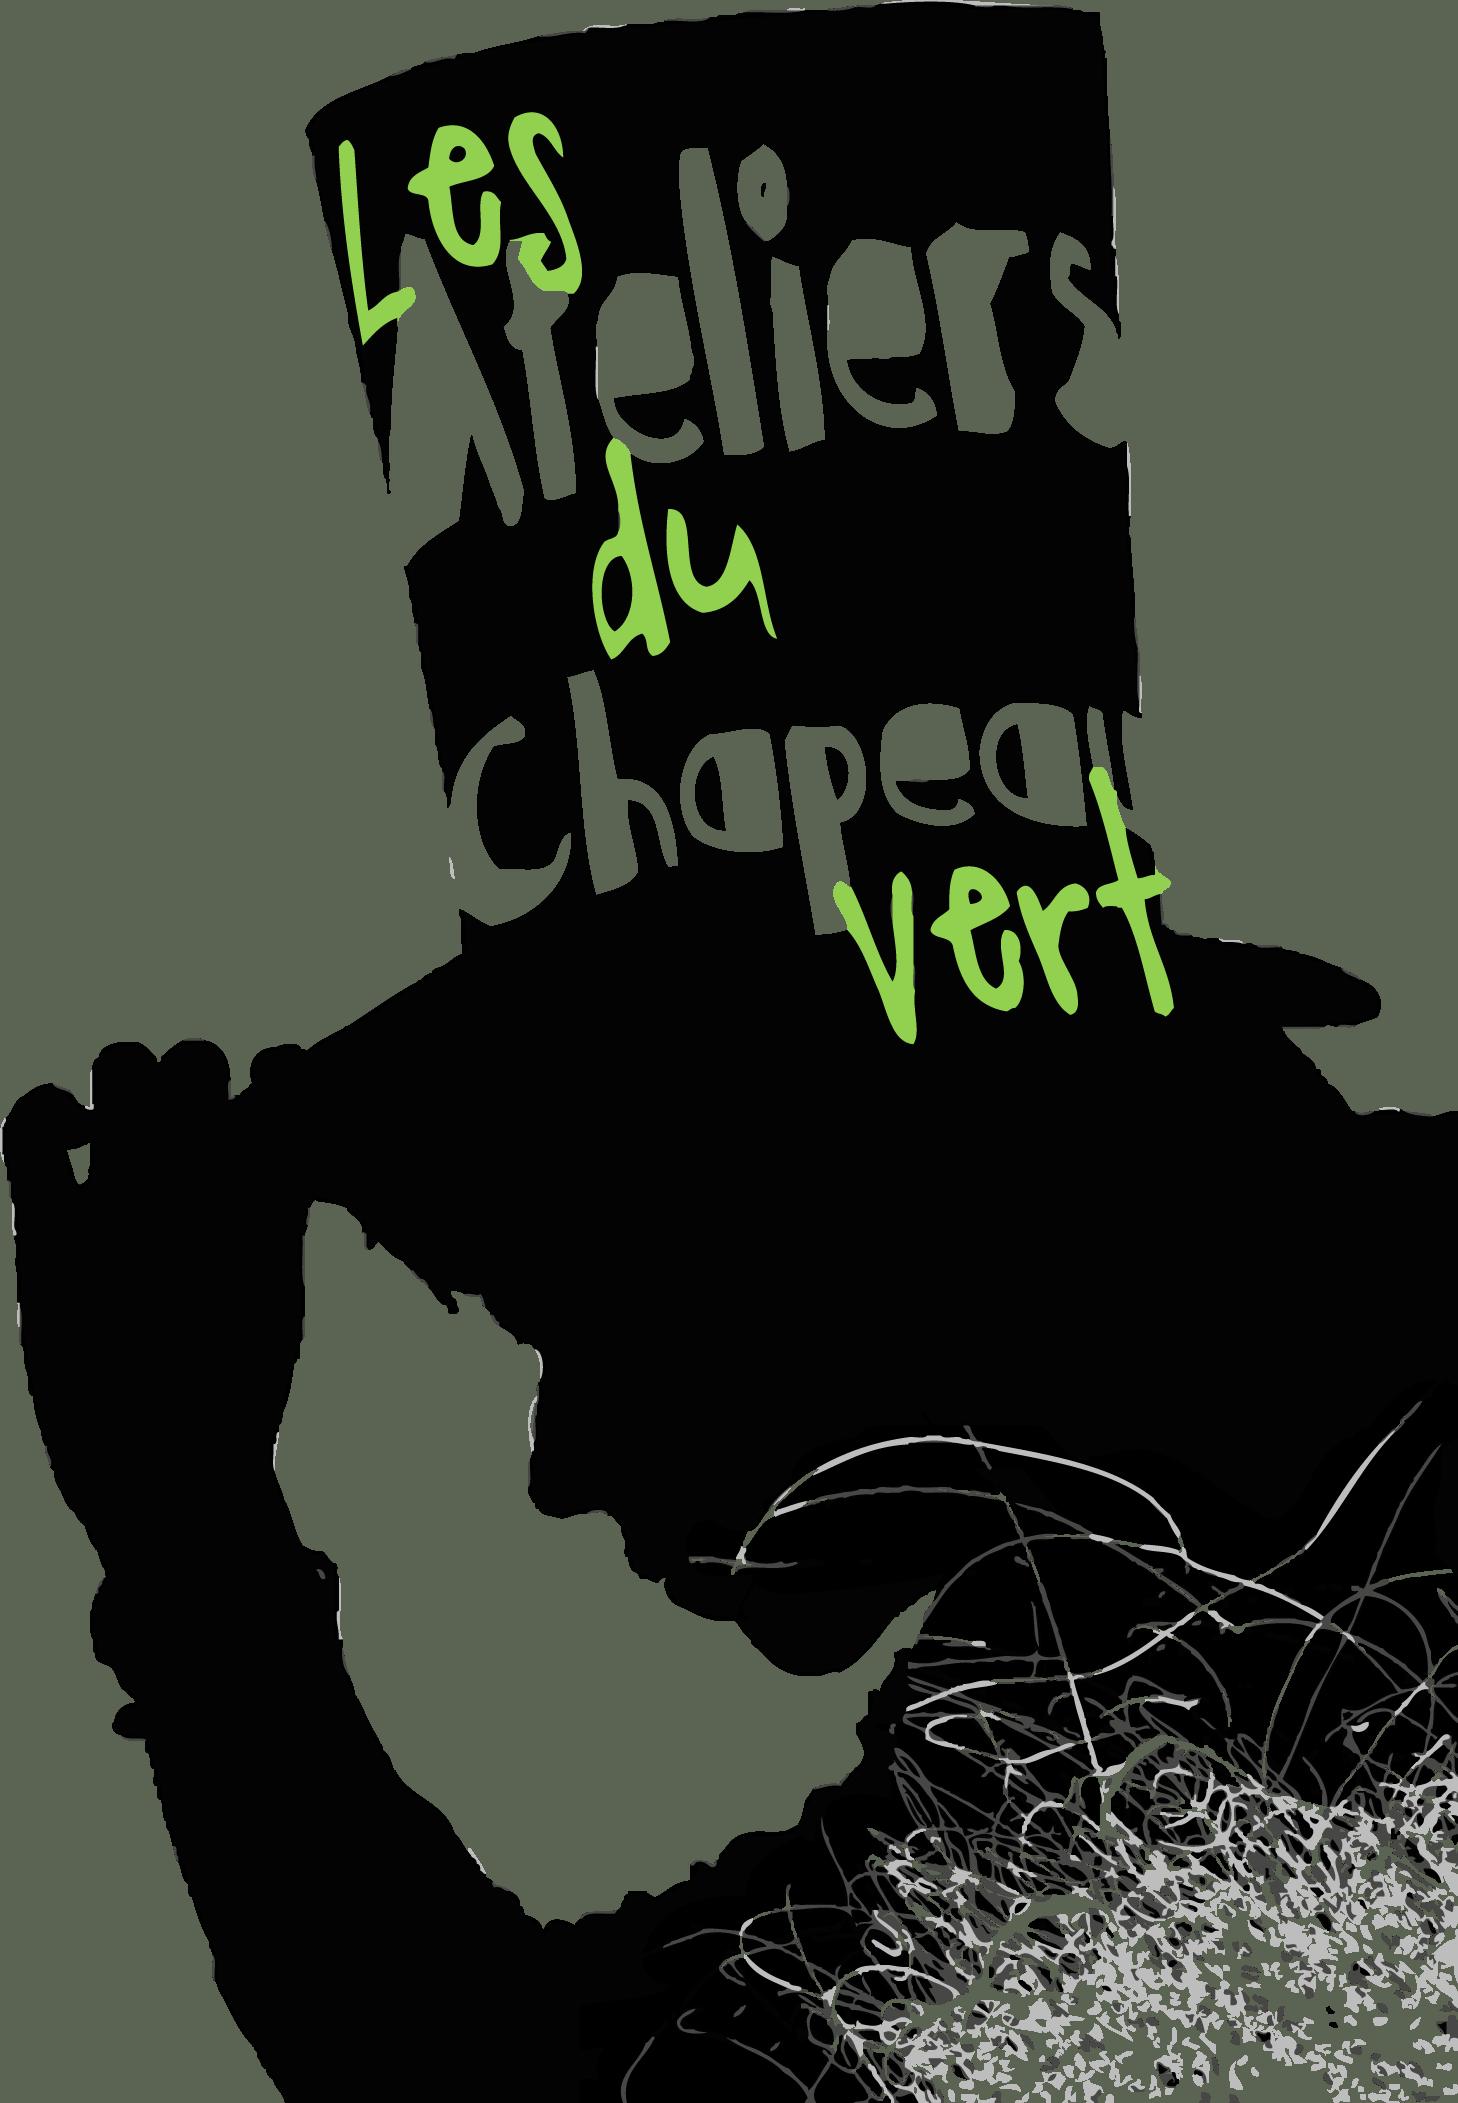 Les Ateliers du Chapeau Vert